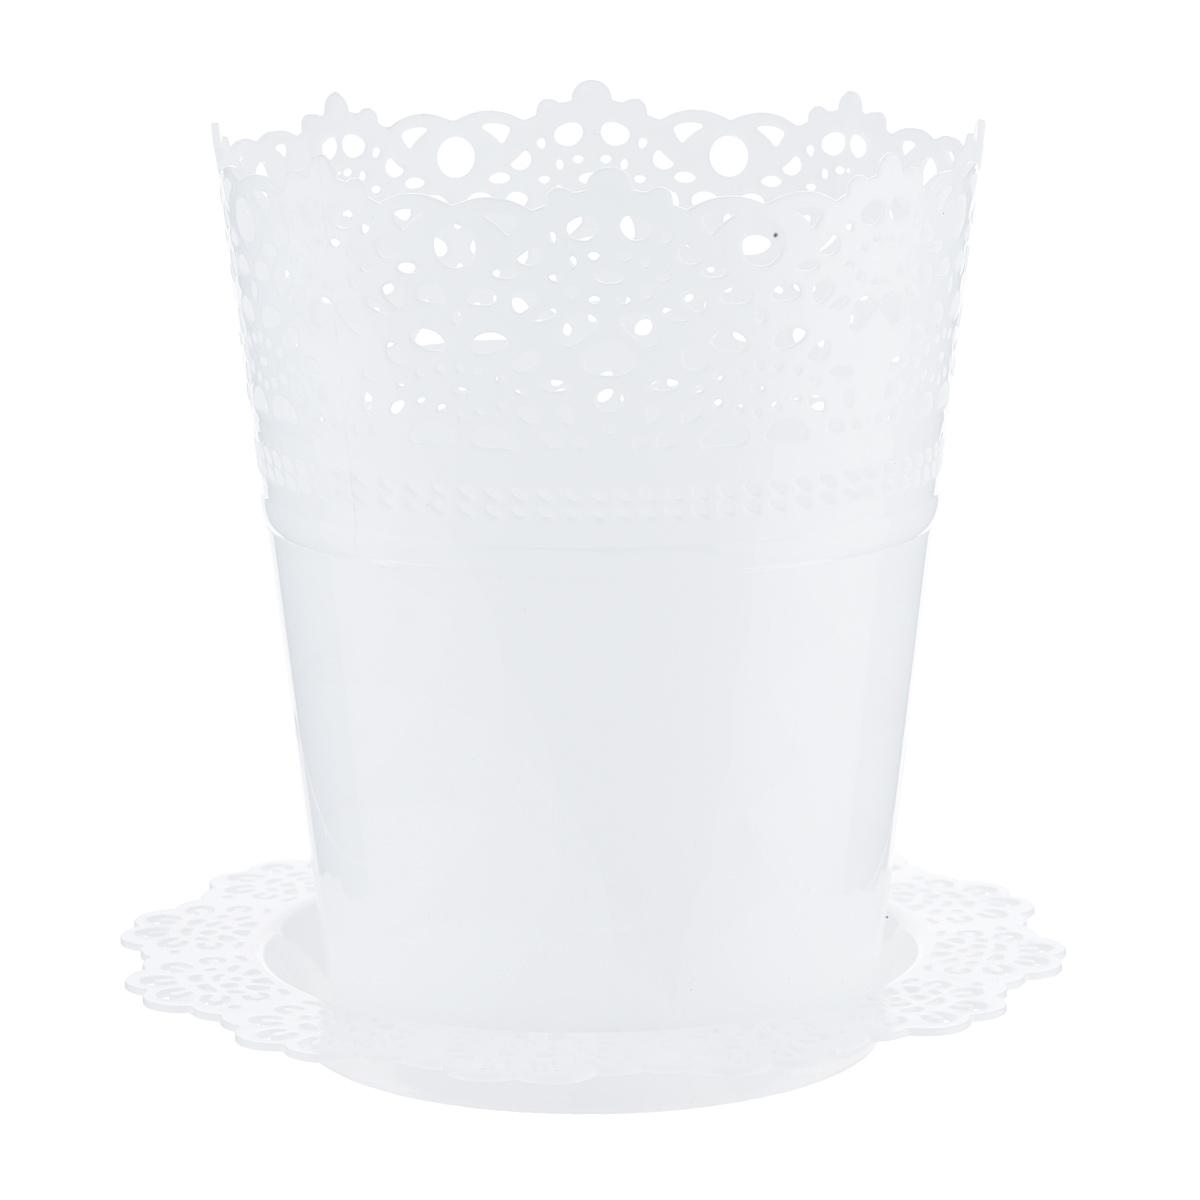 Кашпо Idea Ажур, с подставкой, цвет: белый, диаметр 18,5 см кашпо idea верона с подставкой цвет белый диаметр 18 см